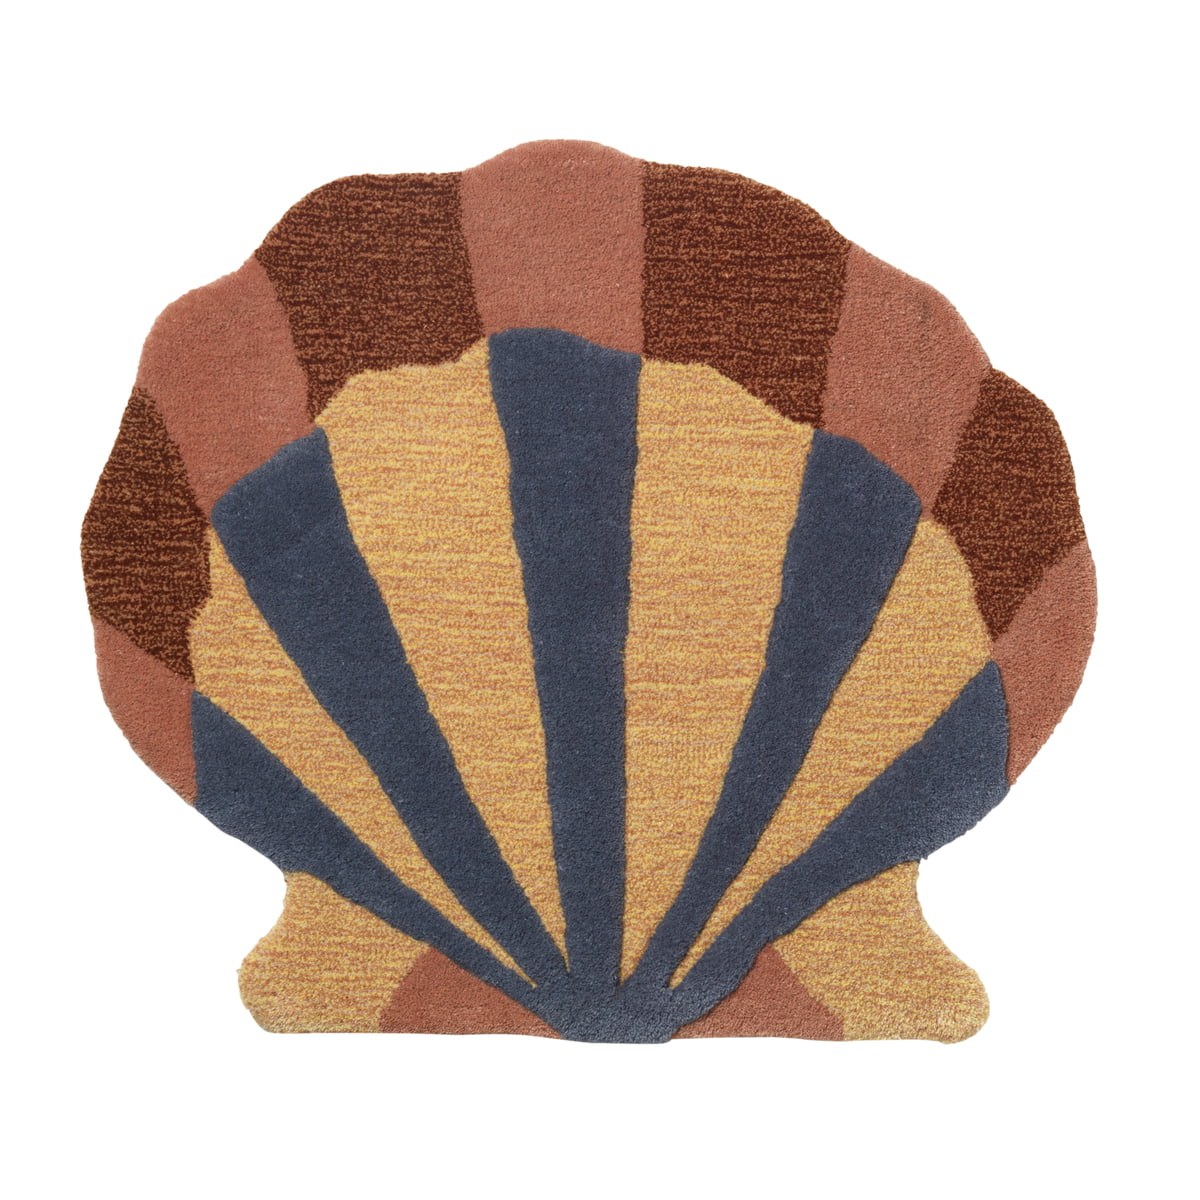 ferm Living - Kinderzimmer- / Wandteppich \´´Muschel\´´´´, multi´´   Kinderzimmer > Textilien für Kinder   Verschiedene farben   Front: 100% getuftete neuseelandwolle. rückseite: 100% baumwolle   ferm living